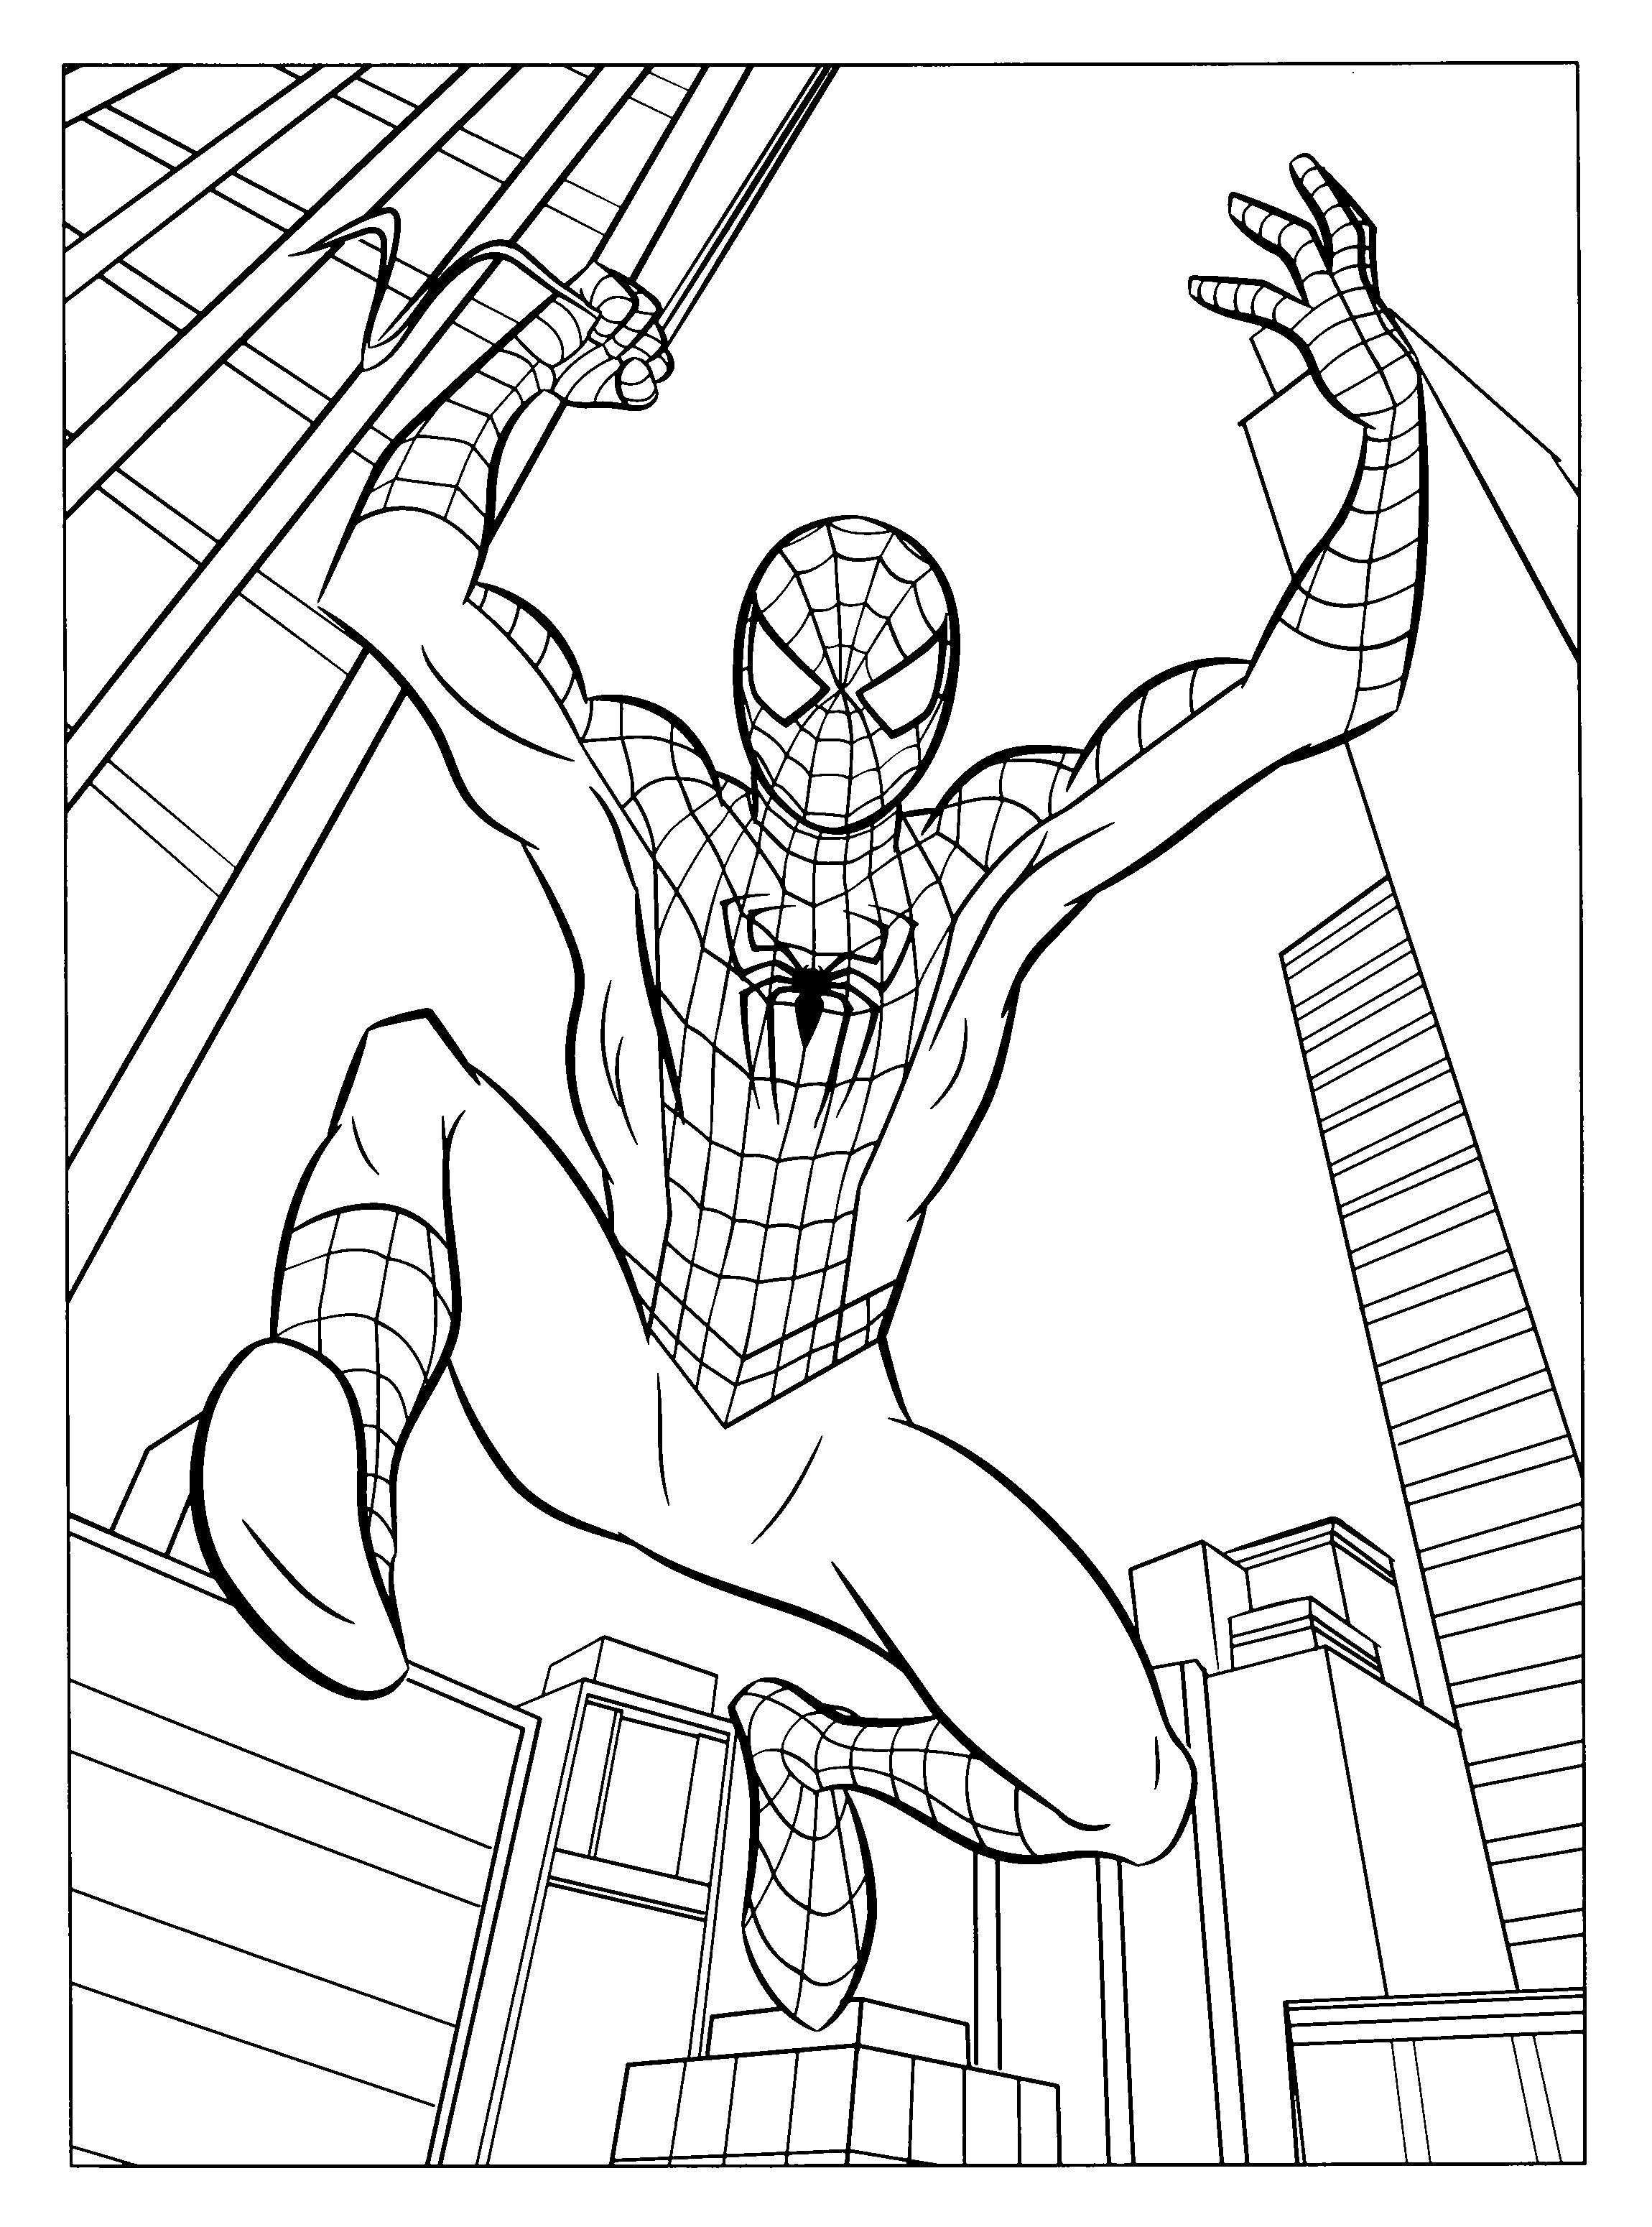 Venom Coloring Book Spiderman Dibujo Spiderman Dibujo Para